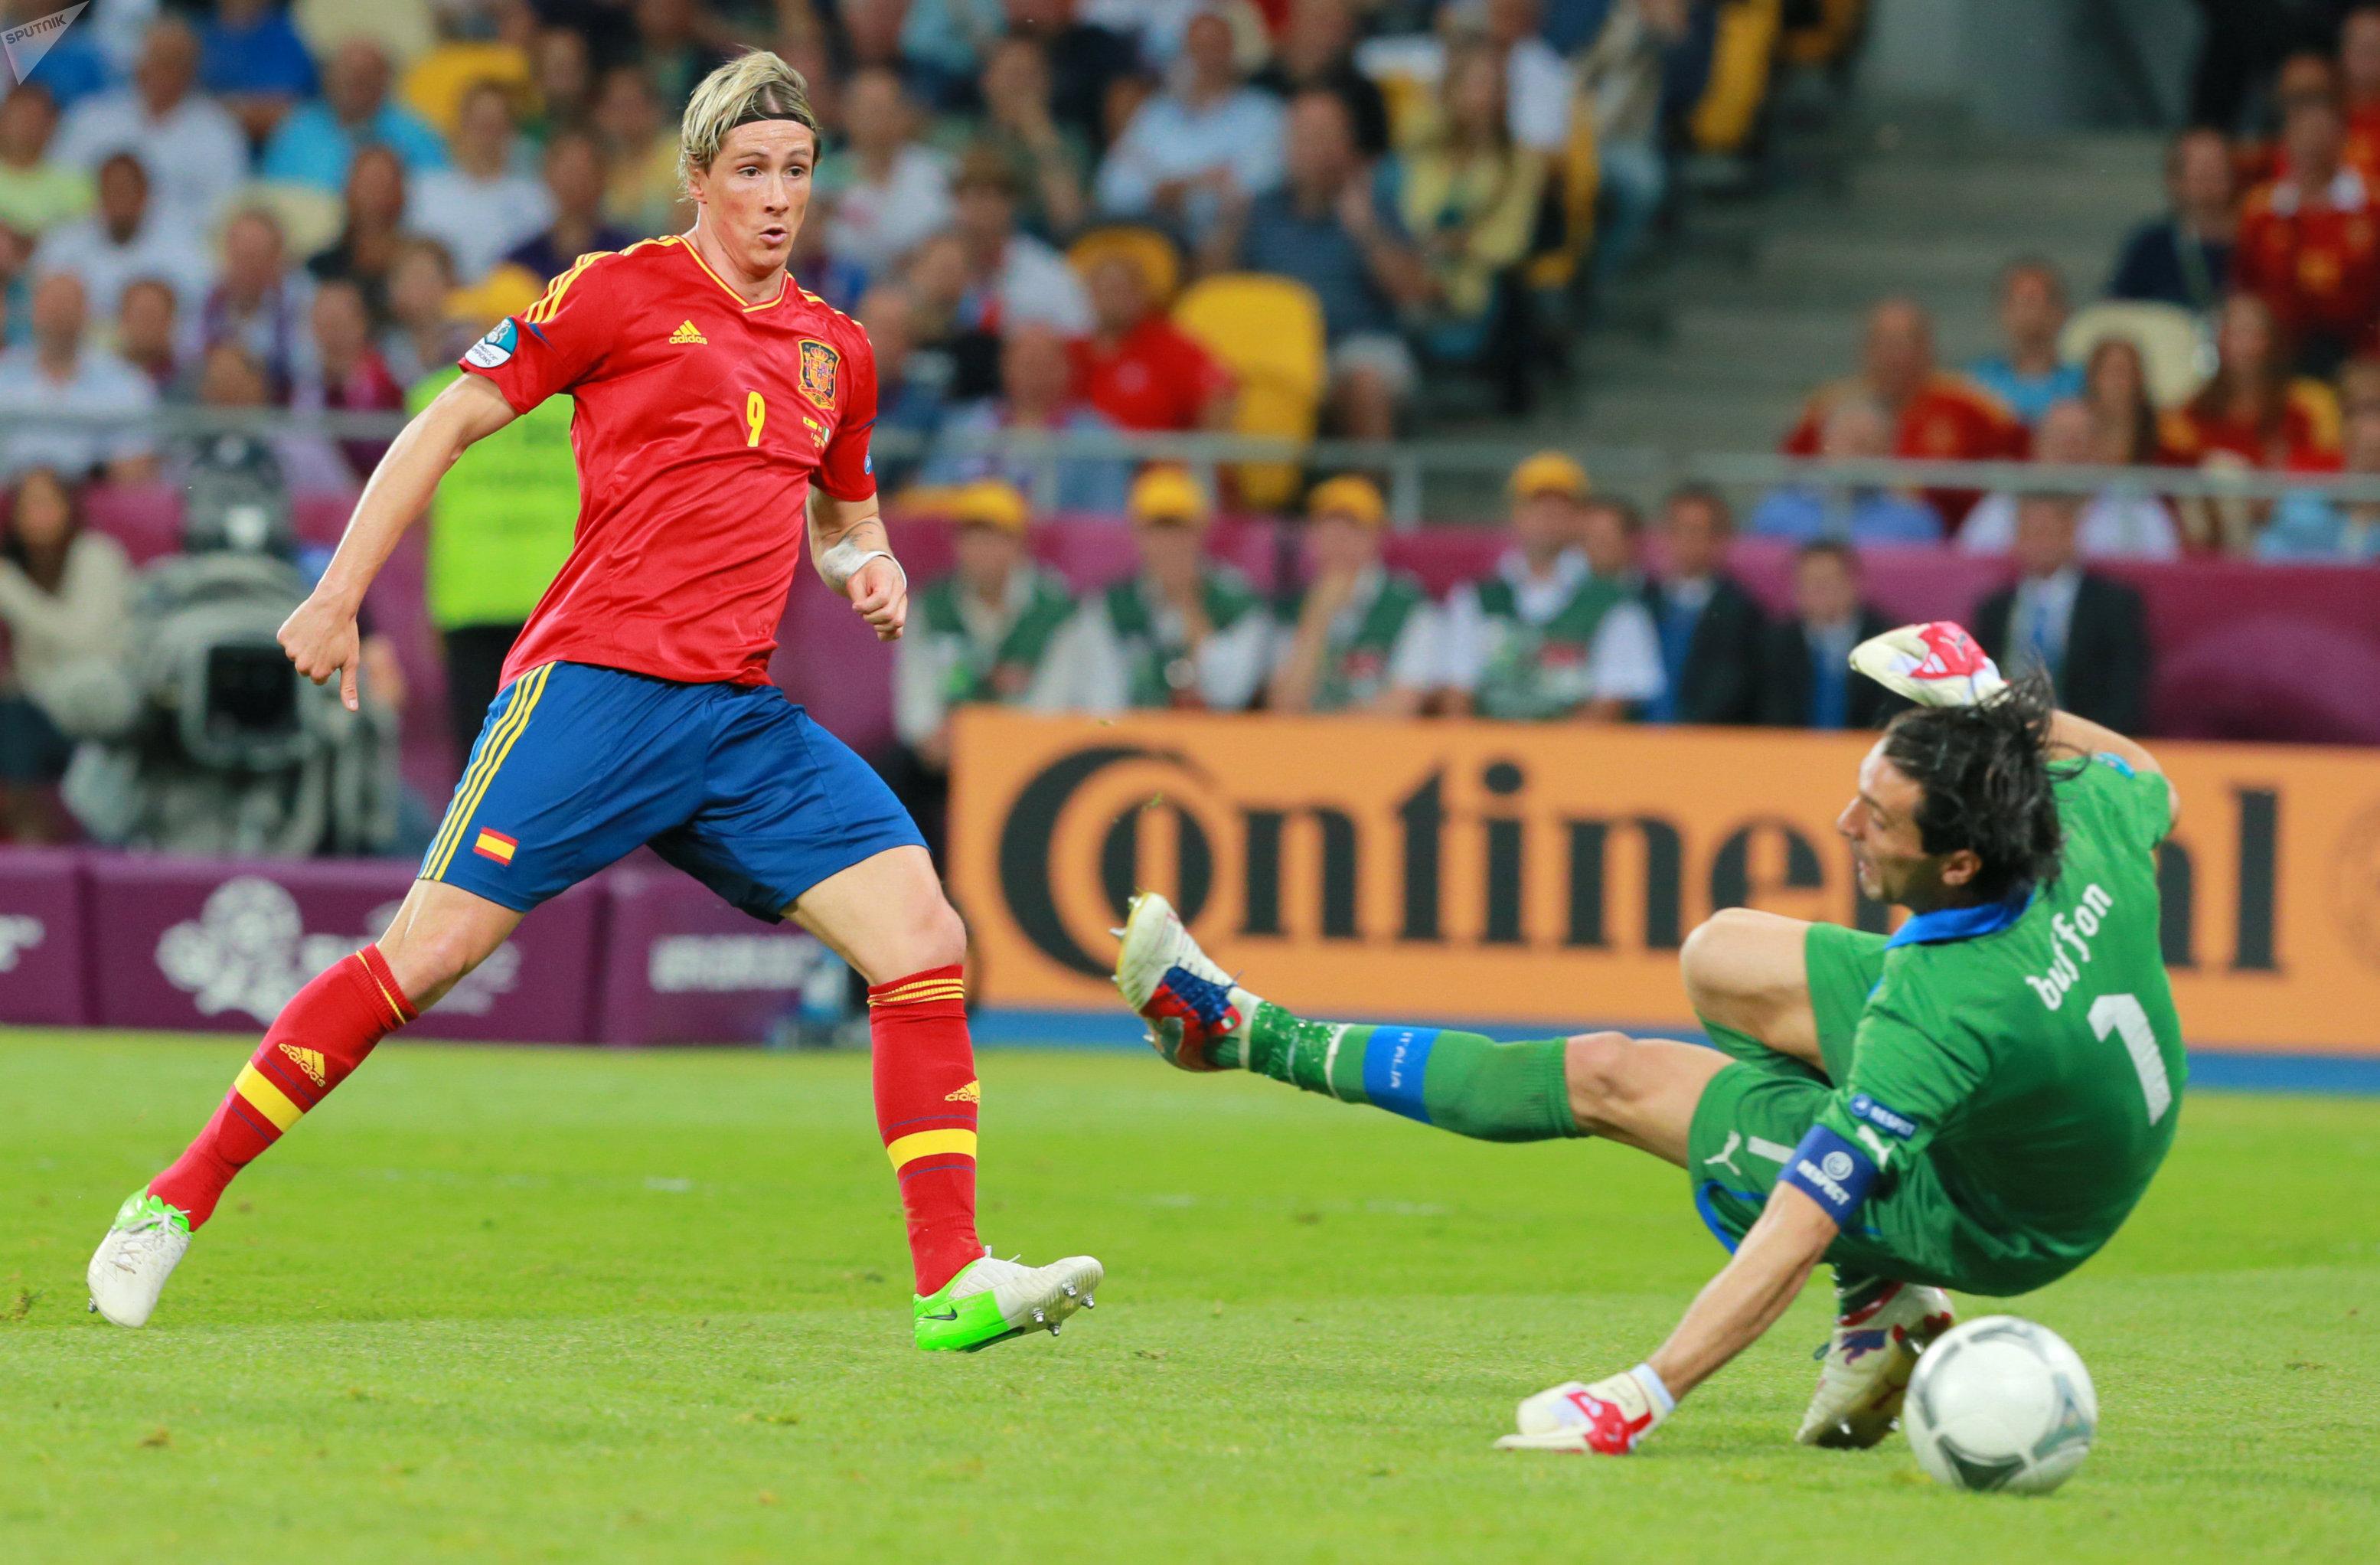 Испанский голеадор Фернандо Торрес оставляет не у дел итальянского вратаря Джанлуиджи Буффона в разгромном для скуадра адзурры финале Евро-2012, который красная фурия выиграла со счетом 4:0